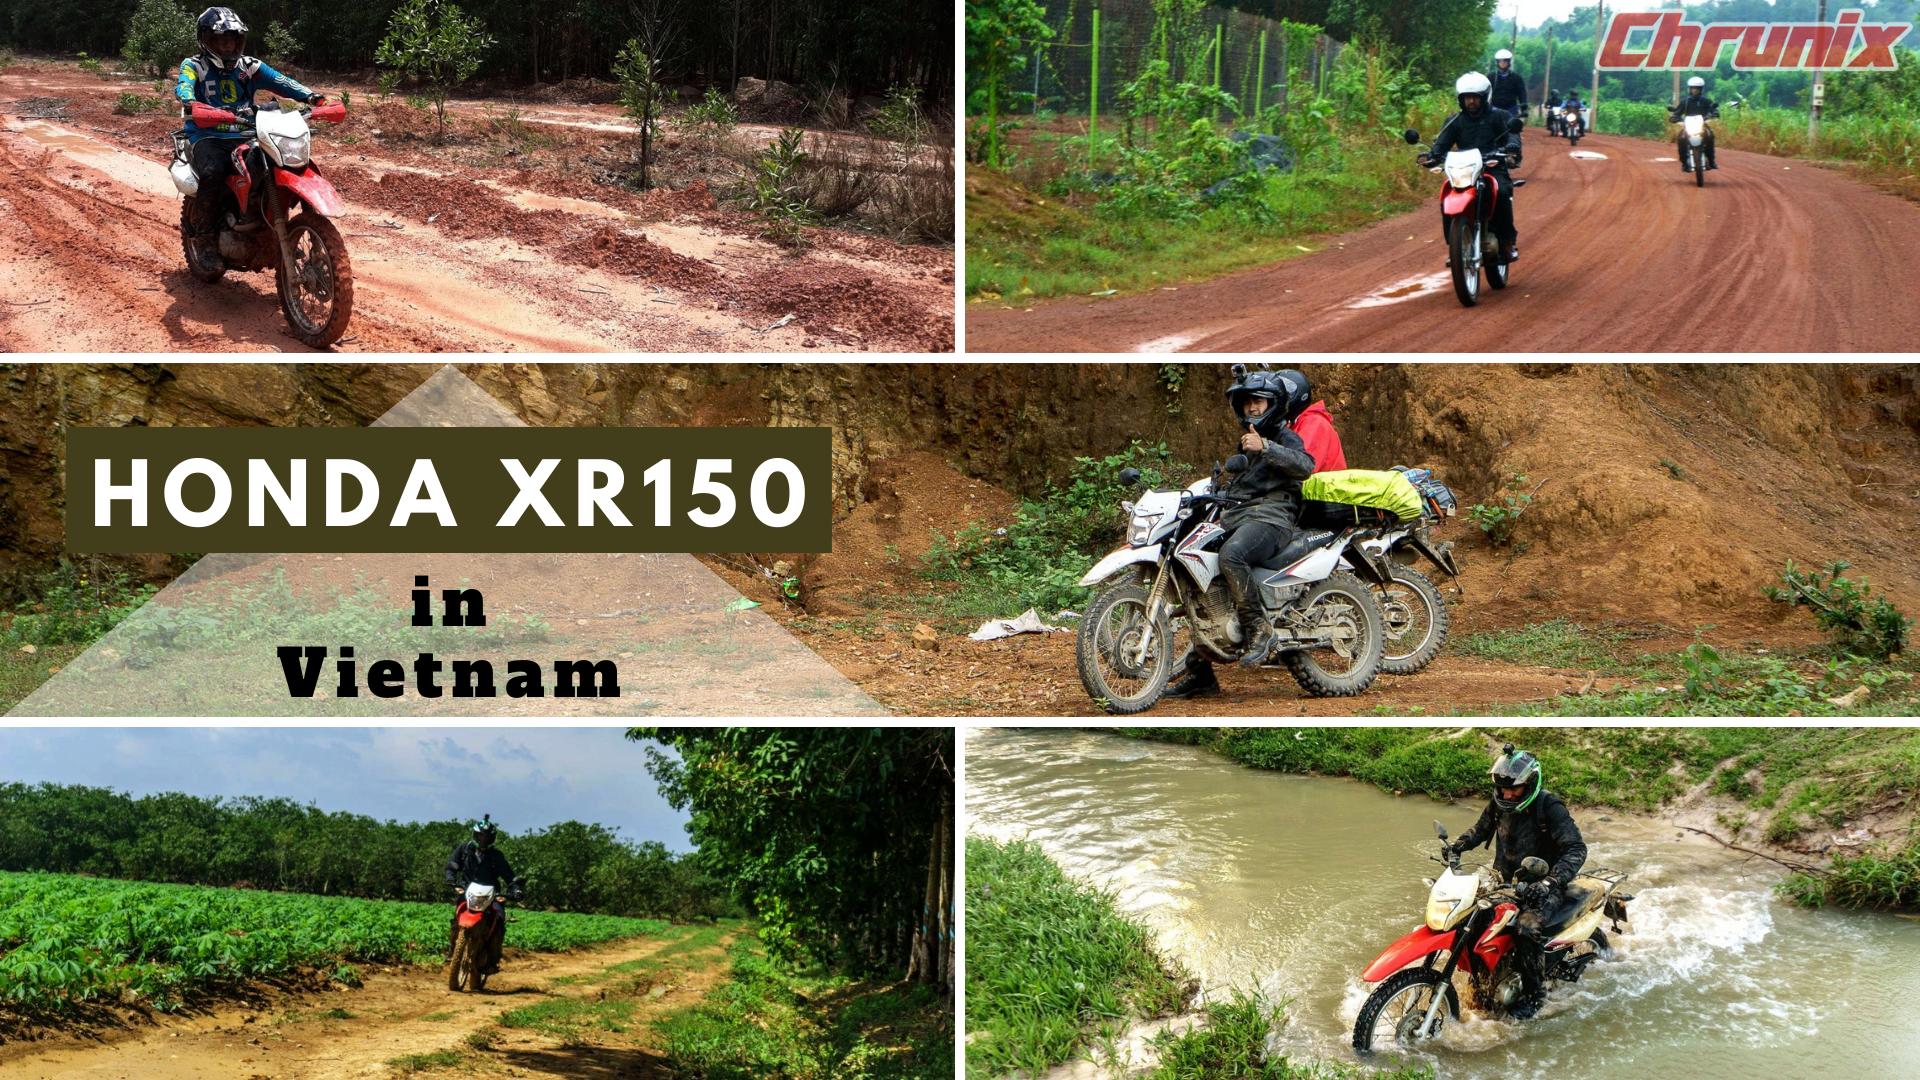 The Honda XR150 for Vietnam